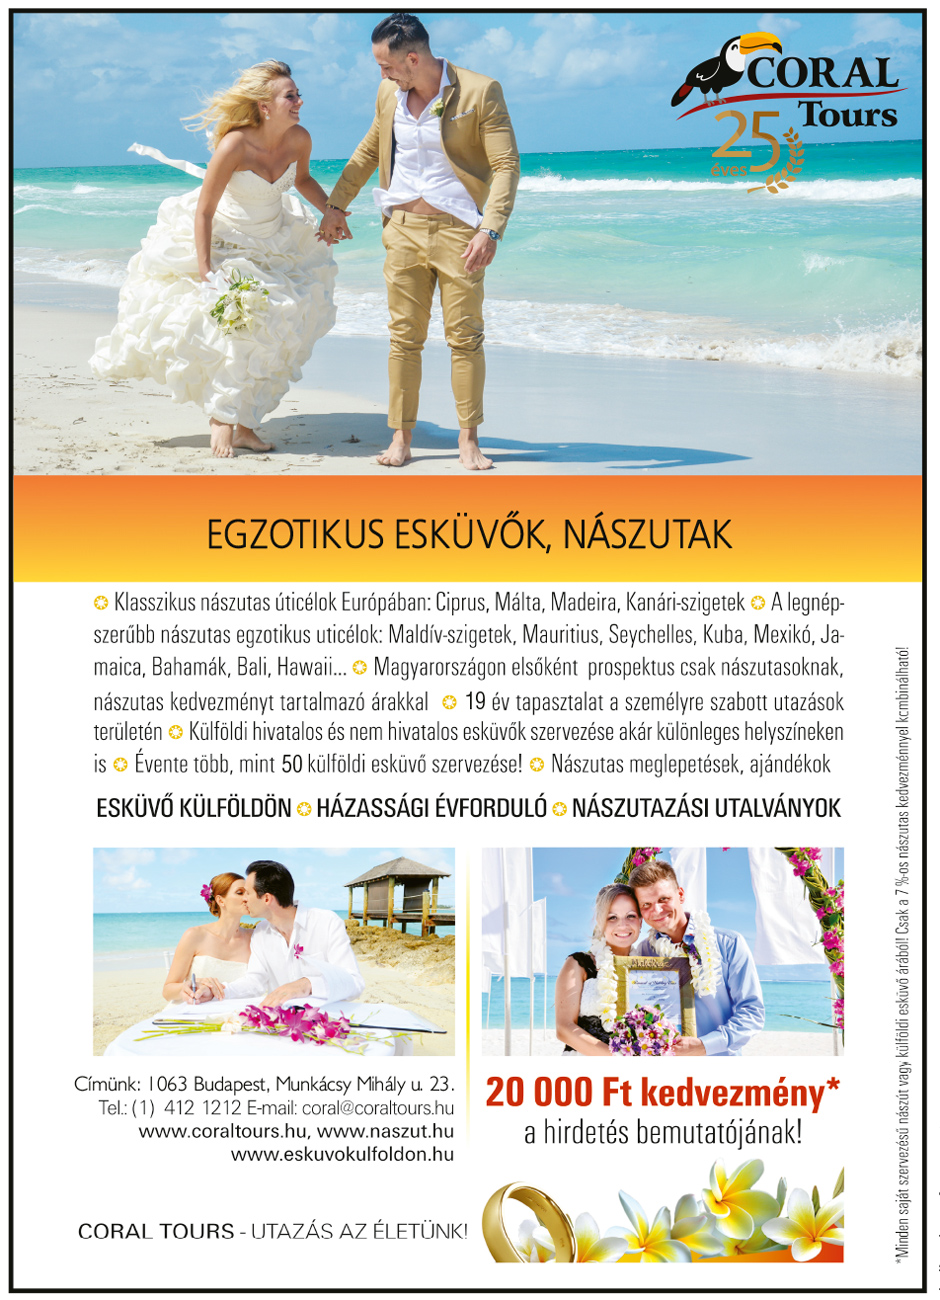 nászút, külföldi esküvő, egzotikus esküvő, egzotikus nászút